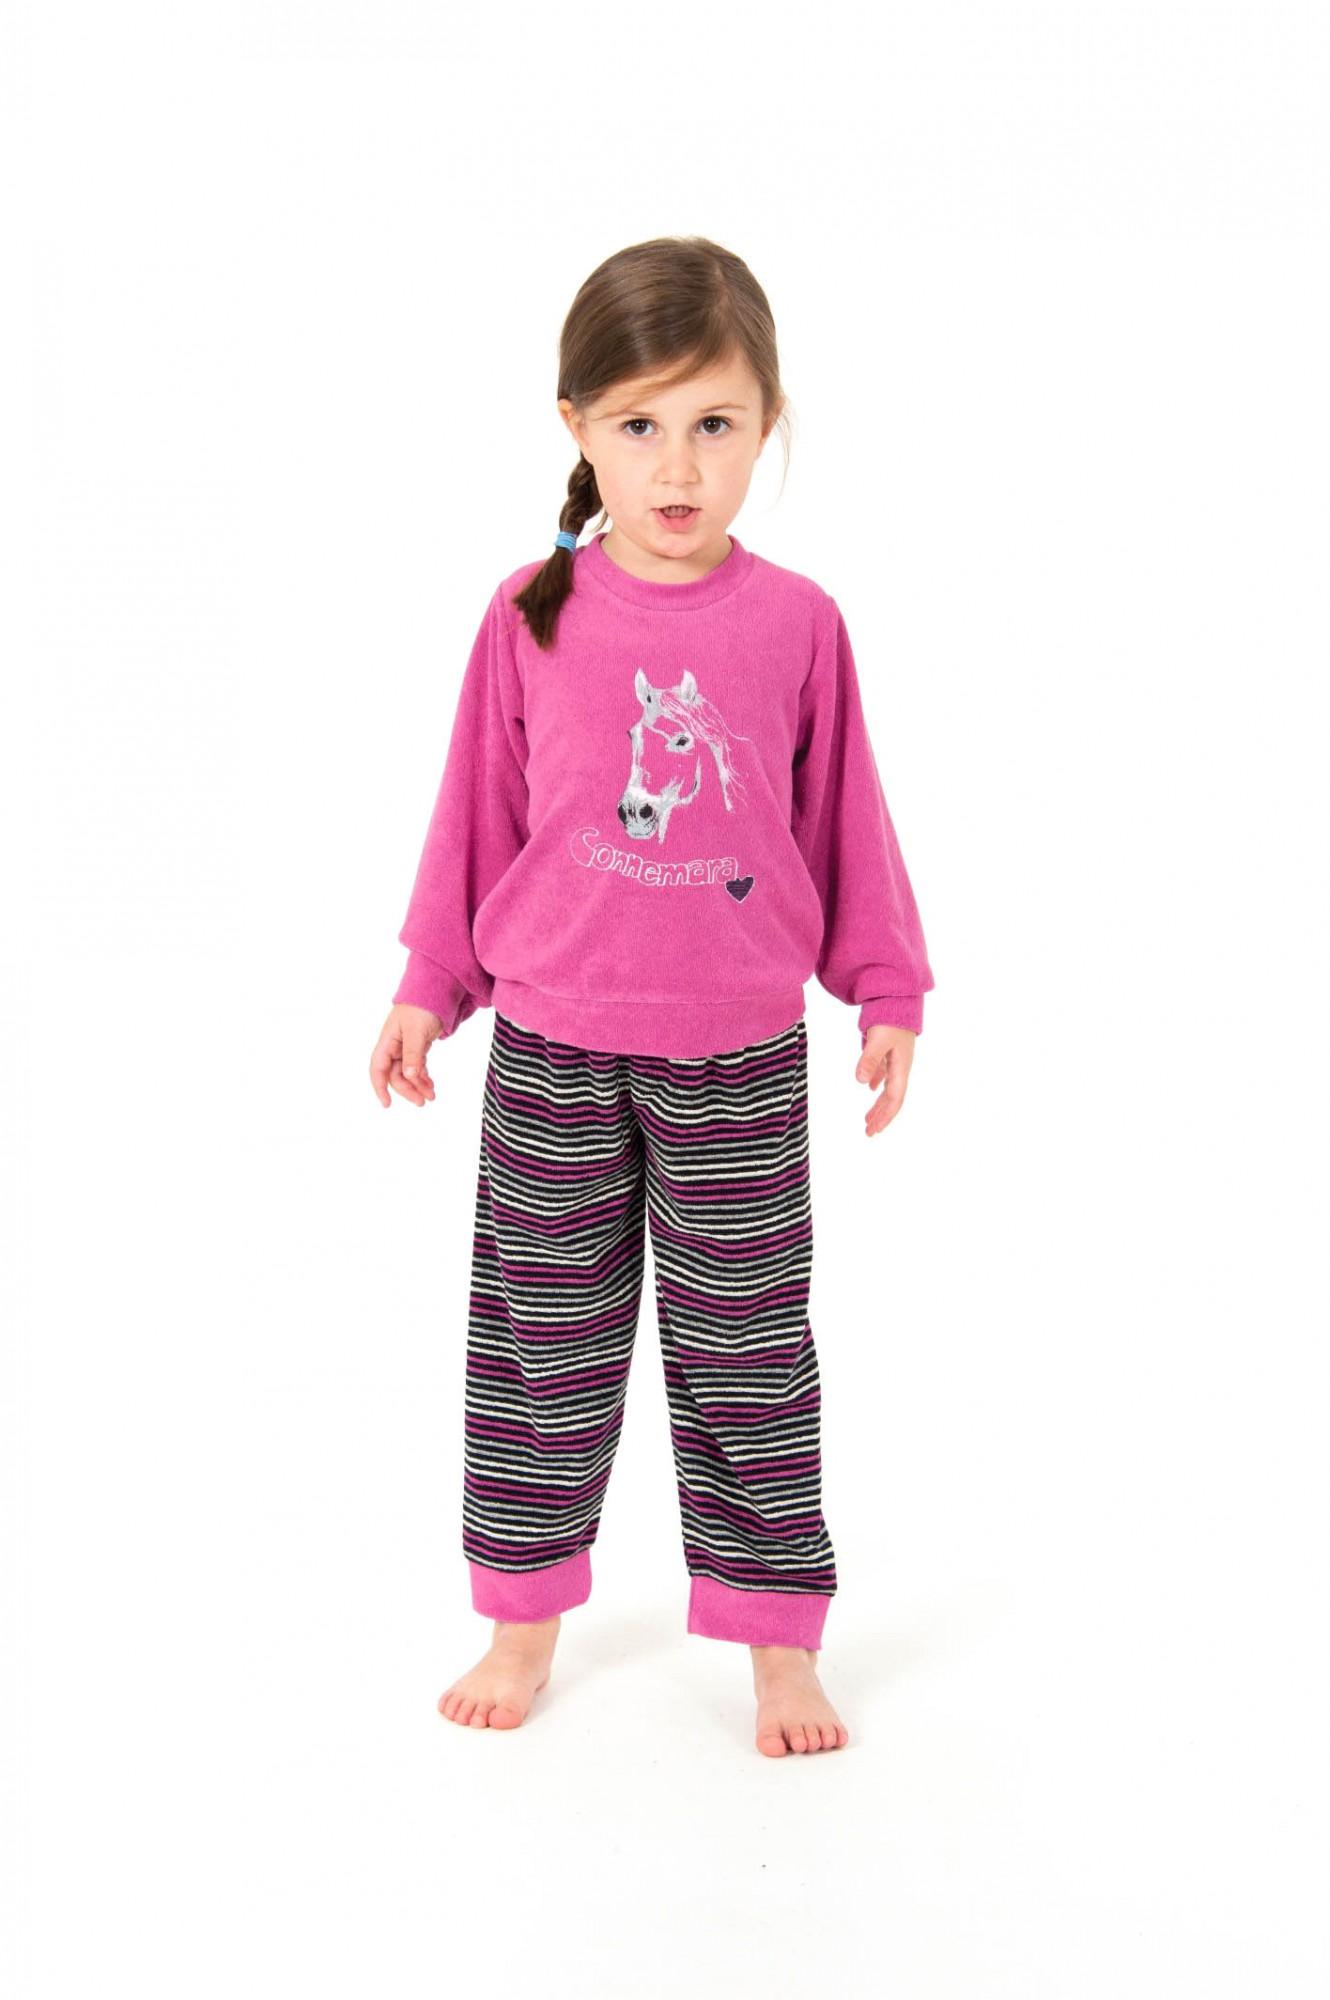 Mädchen Frottee Pyjama lang mit Bündchen – Grössen 86 – 110 -   251 701 93 141 001